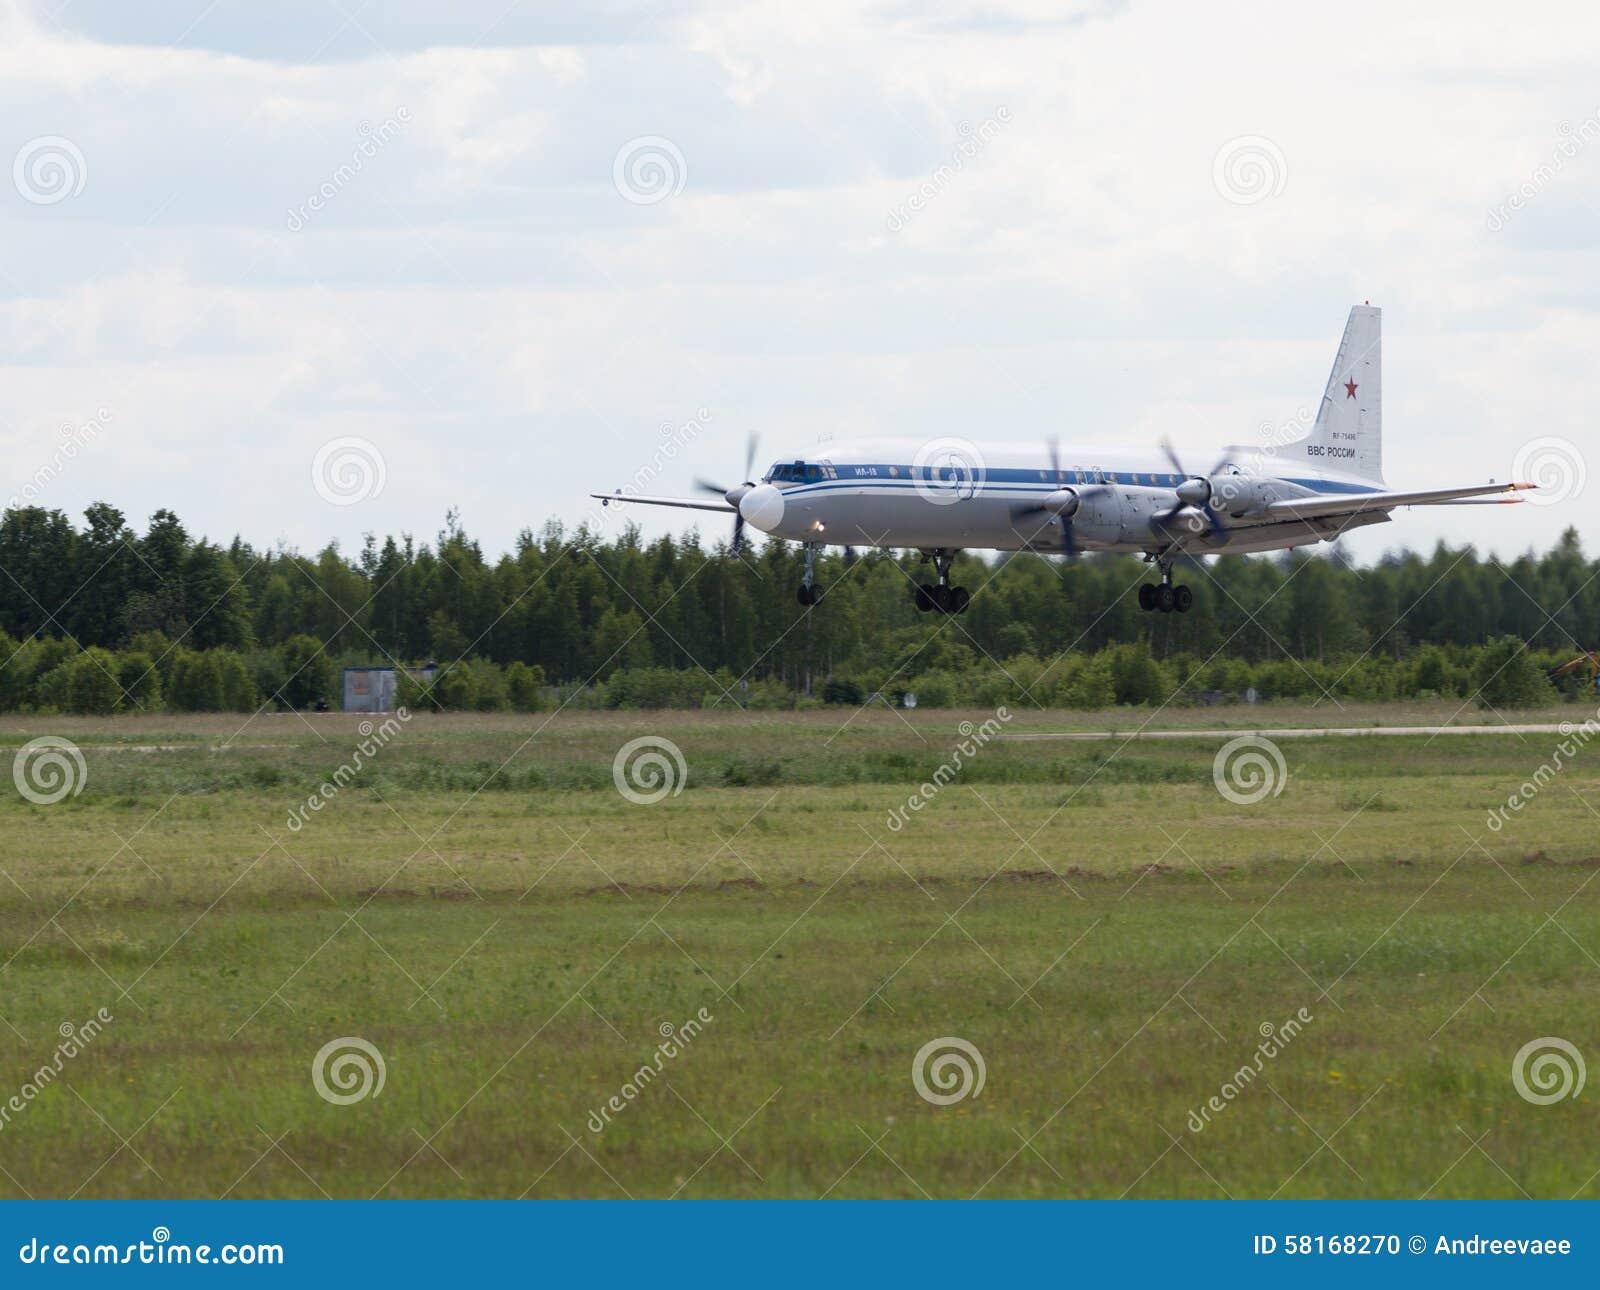 i have a landing strip